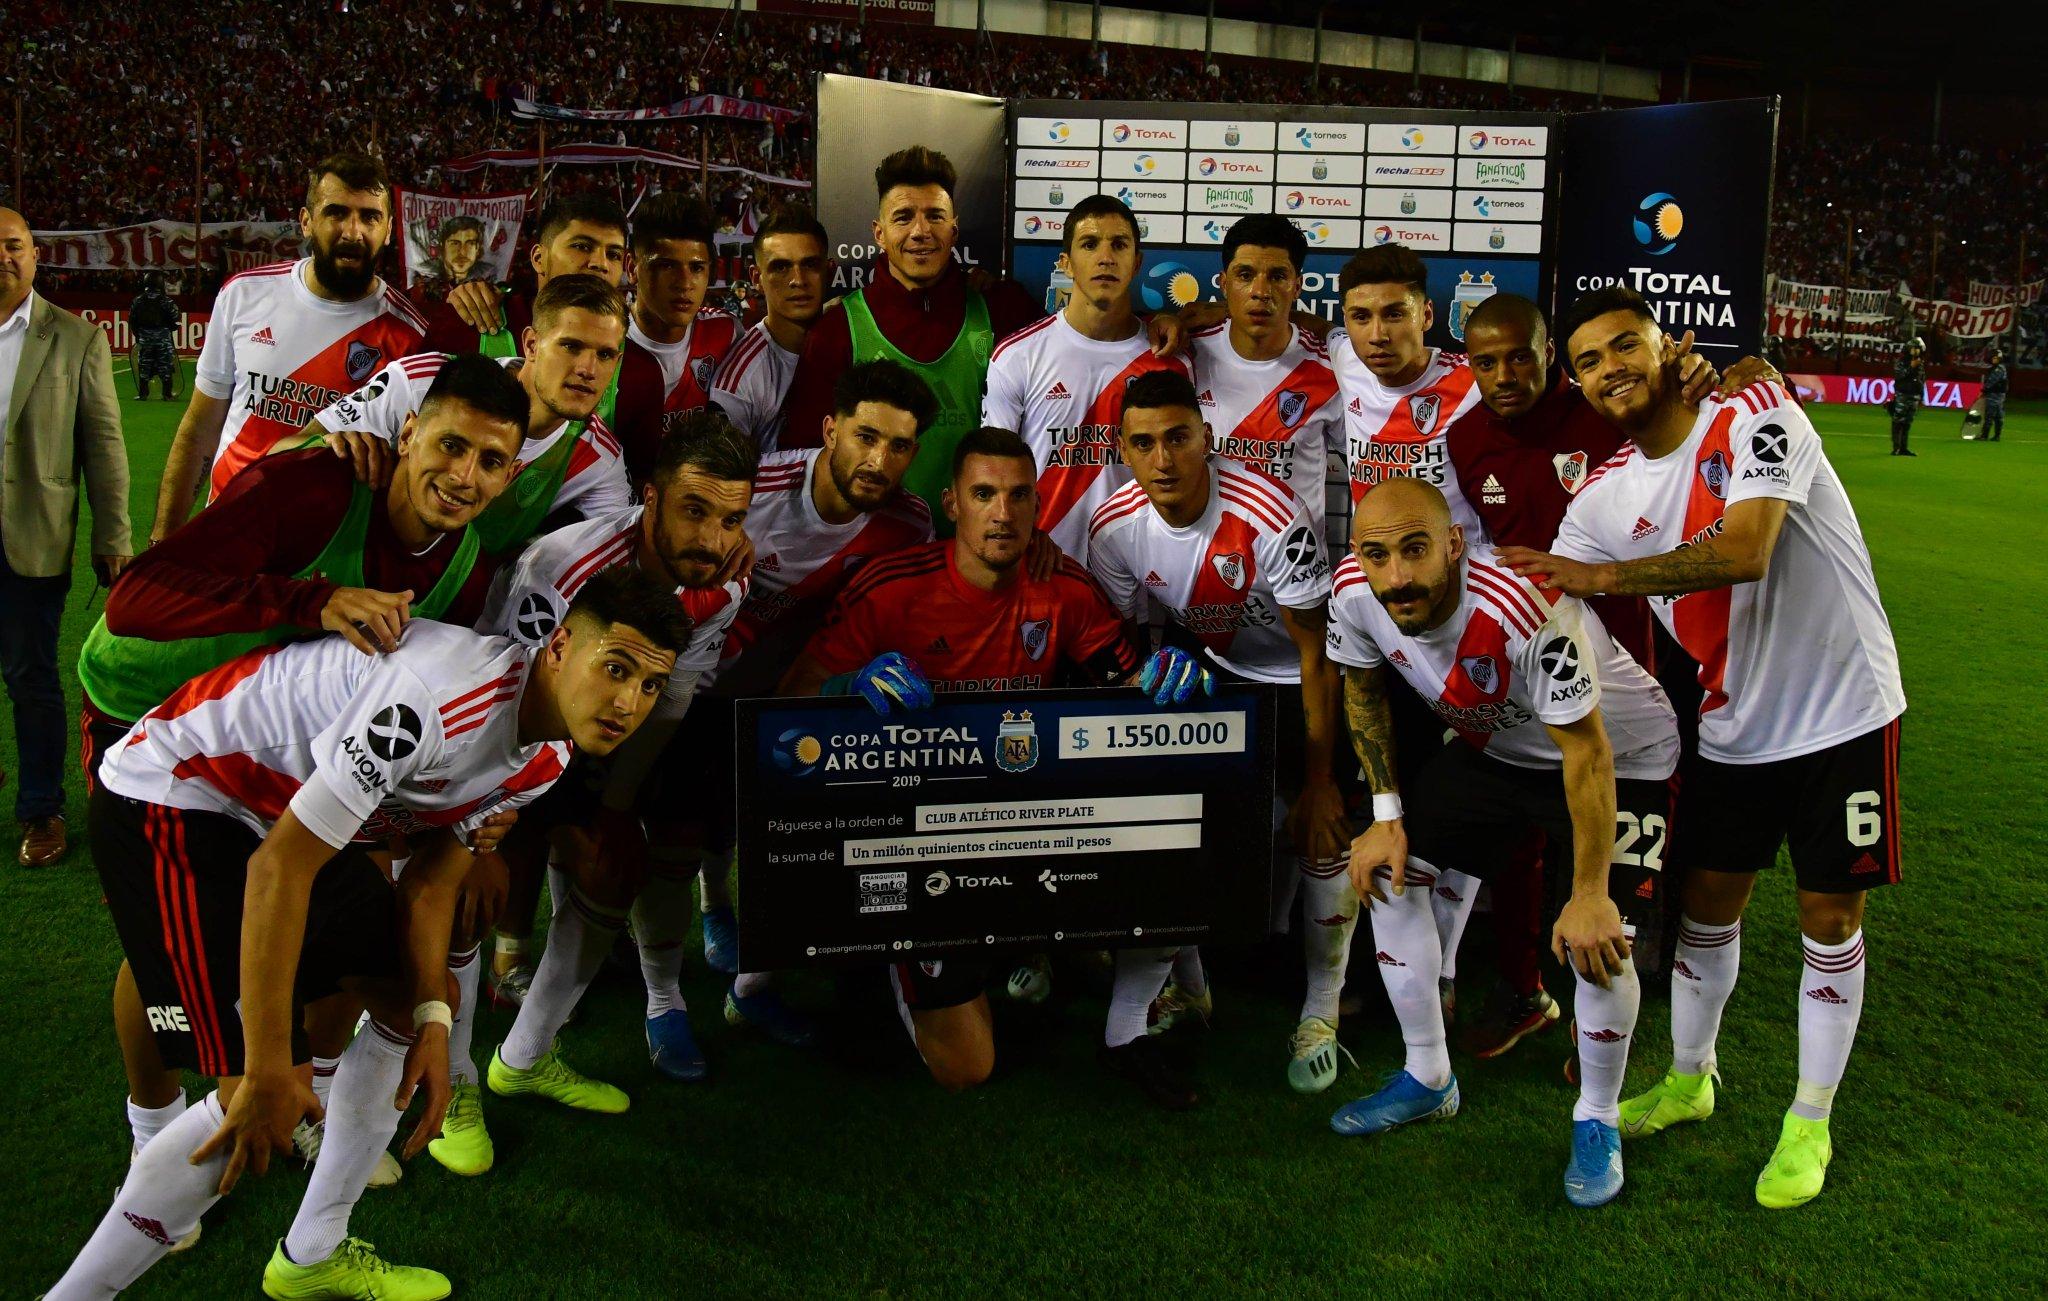 #River y la foto del cheque de #CopaArgentina 🏆 https://t.co/PjsM9PfjQ2